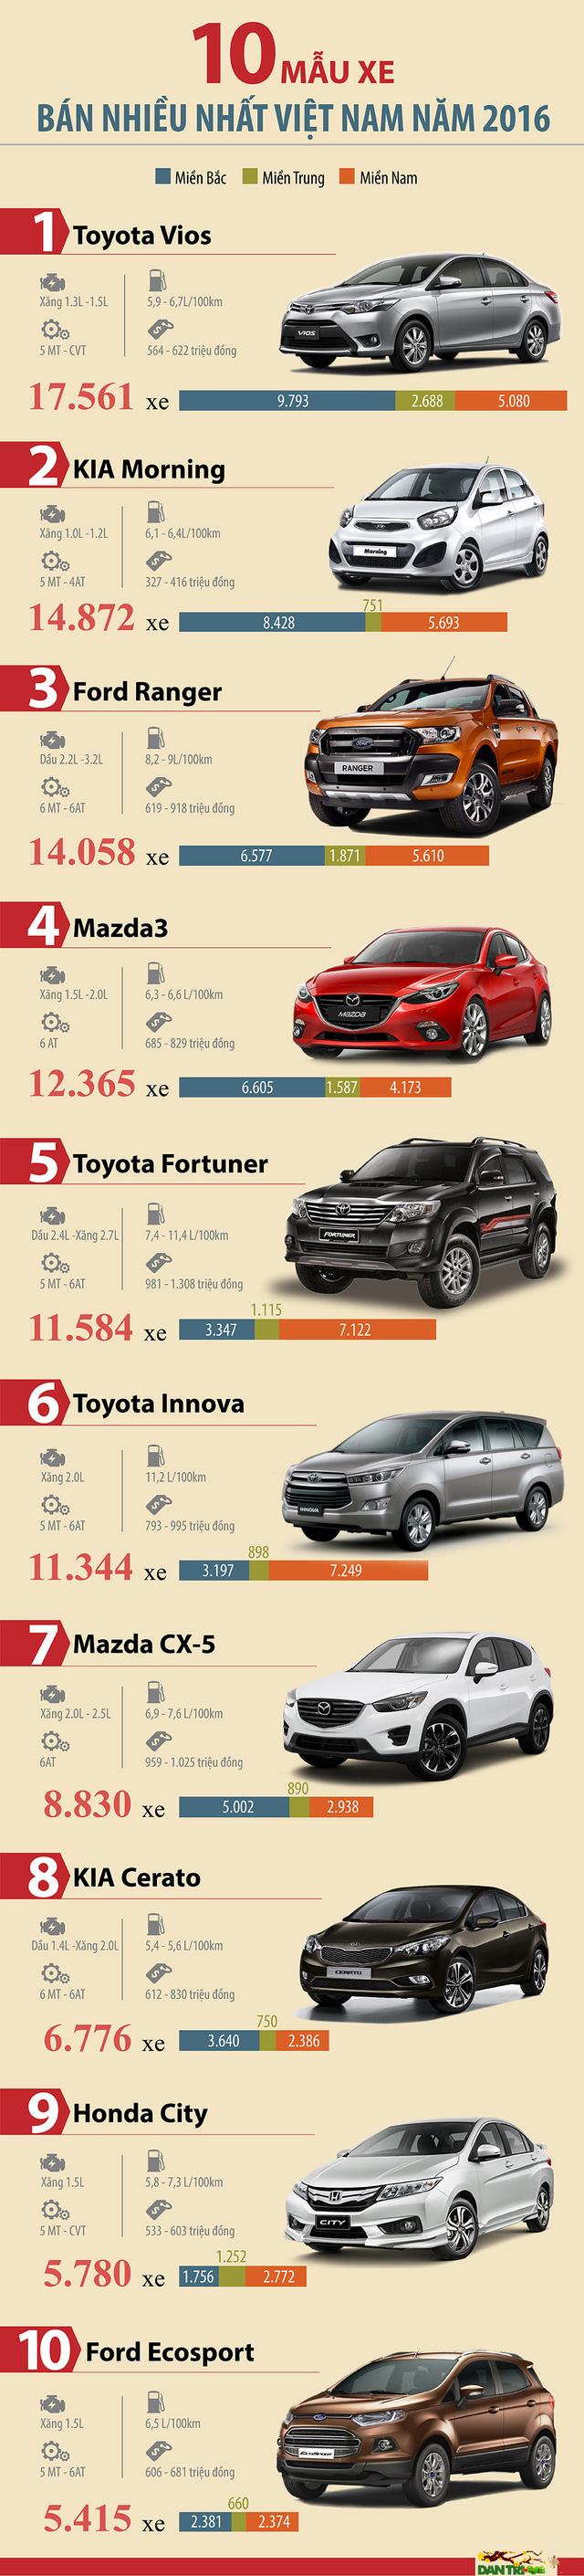 doanh số bán xe vios và các dòng xe khác